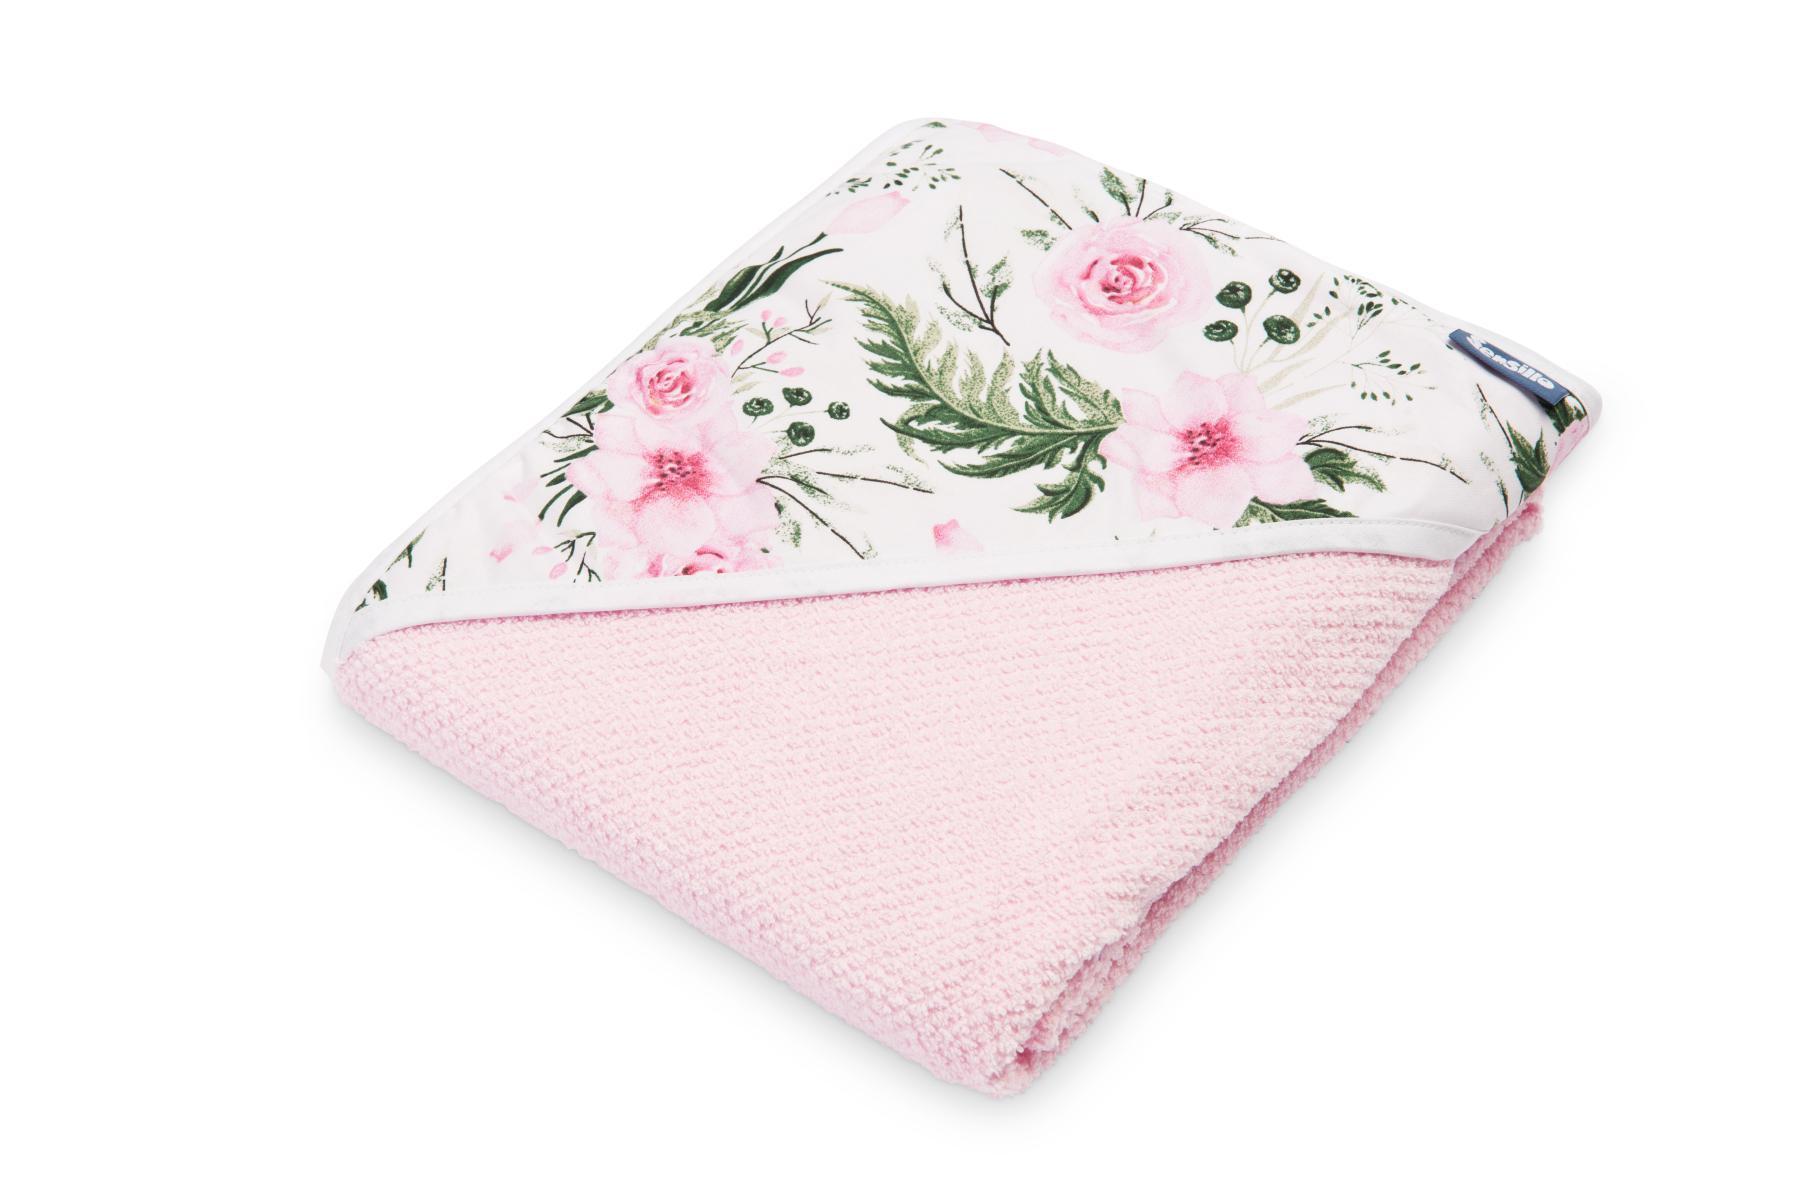 Crepe hooded bath towel – pink